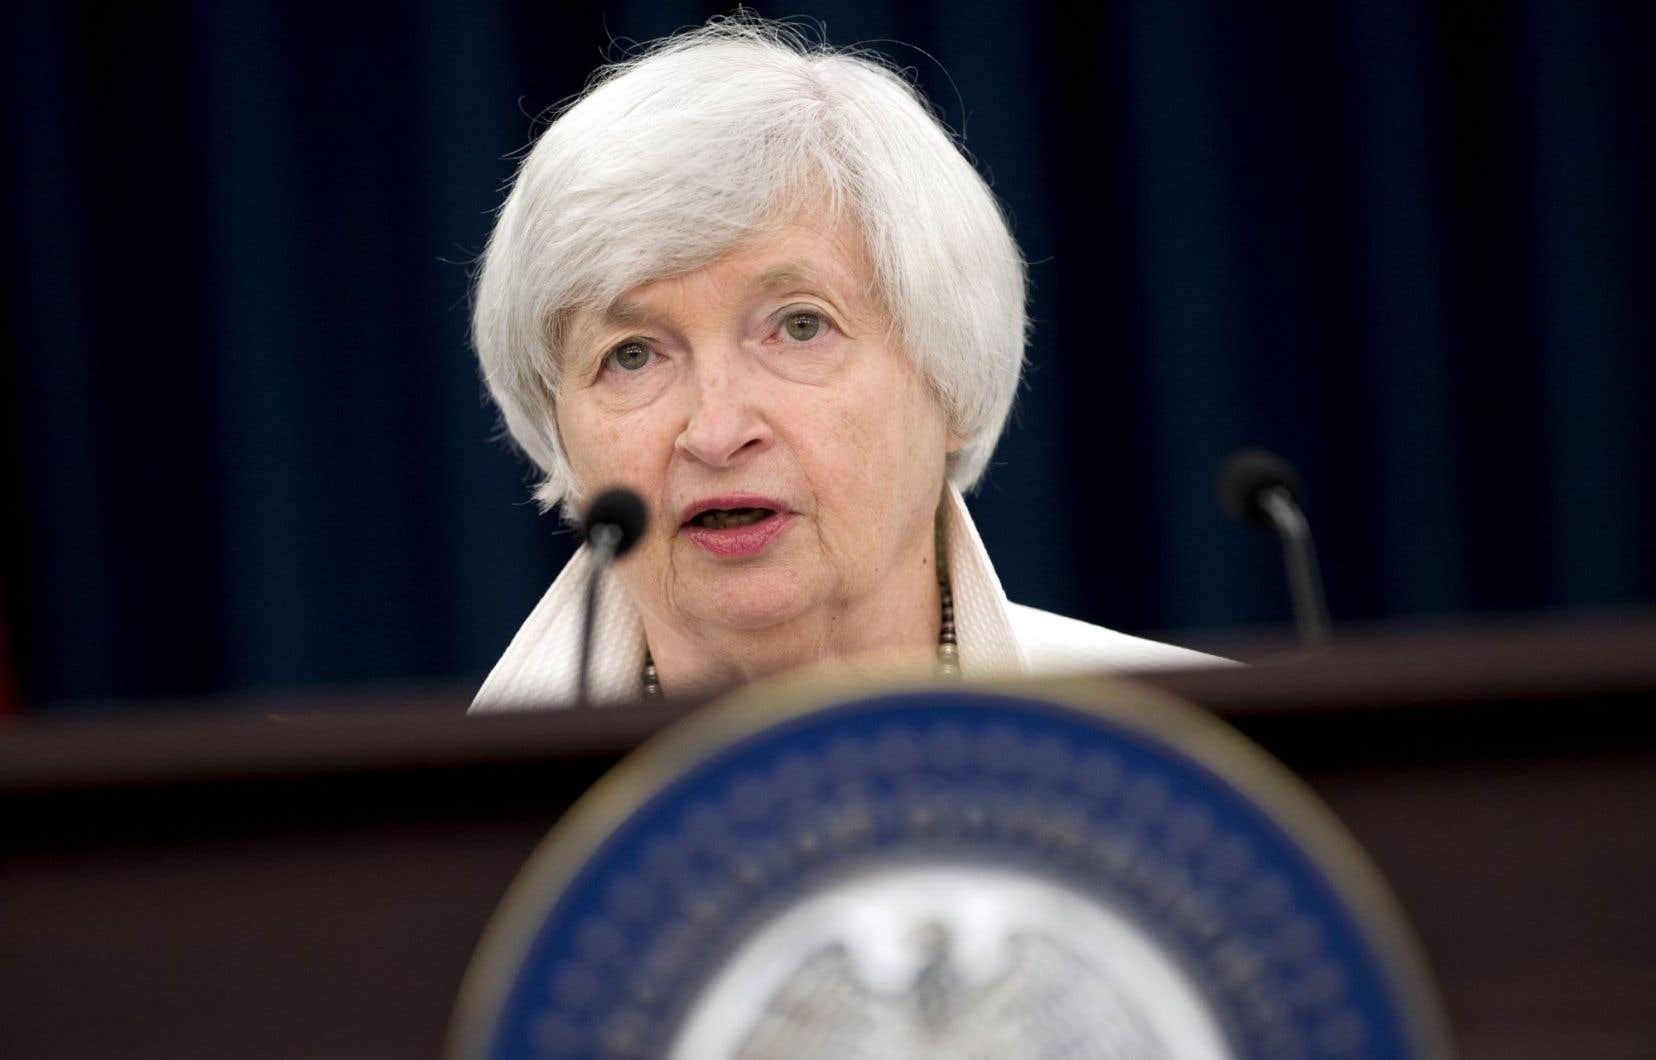 La présidente de la Fed, Janet Yellen, s'est refusée à donner une indication sur sa succession alors que son mandat s'achève en février.